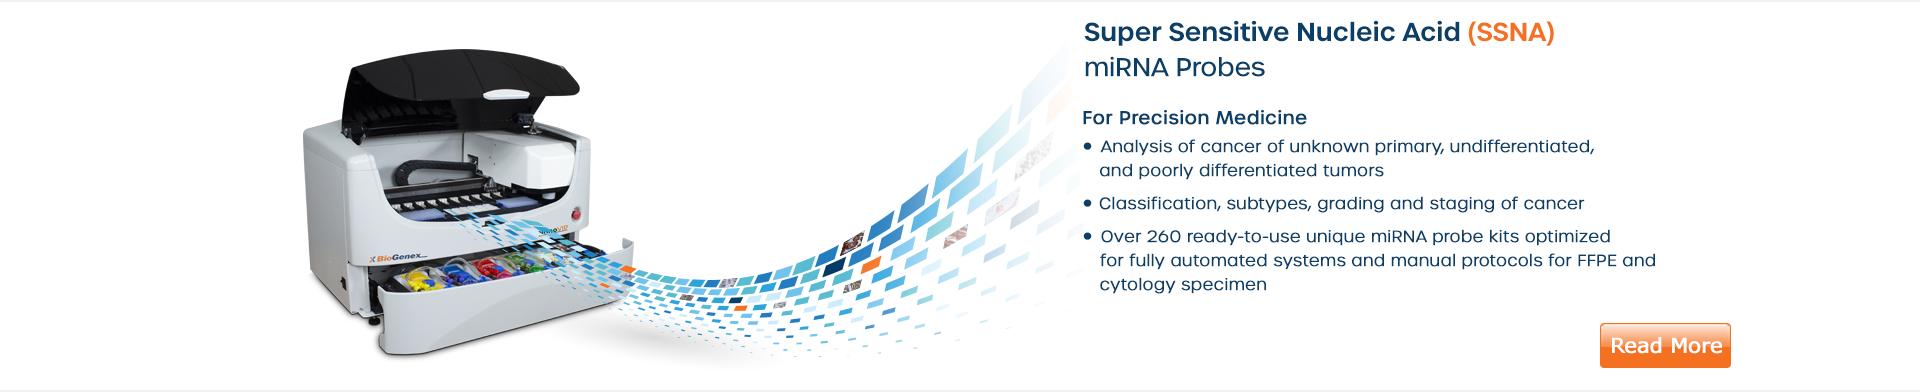 Super Sensitive Nucleic Acid miRNA Probes